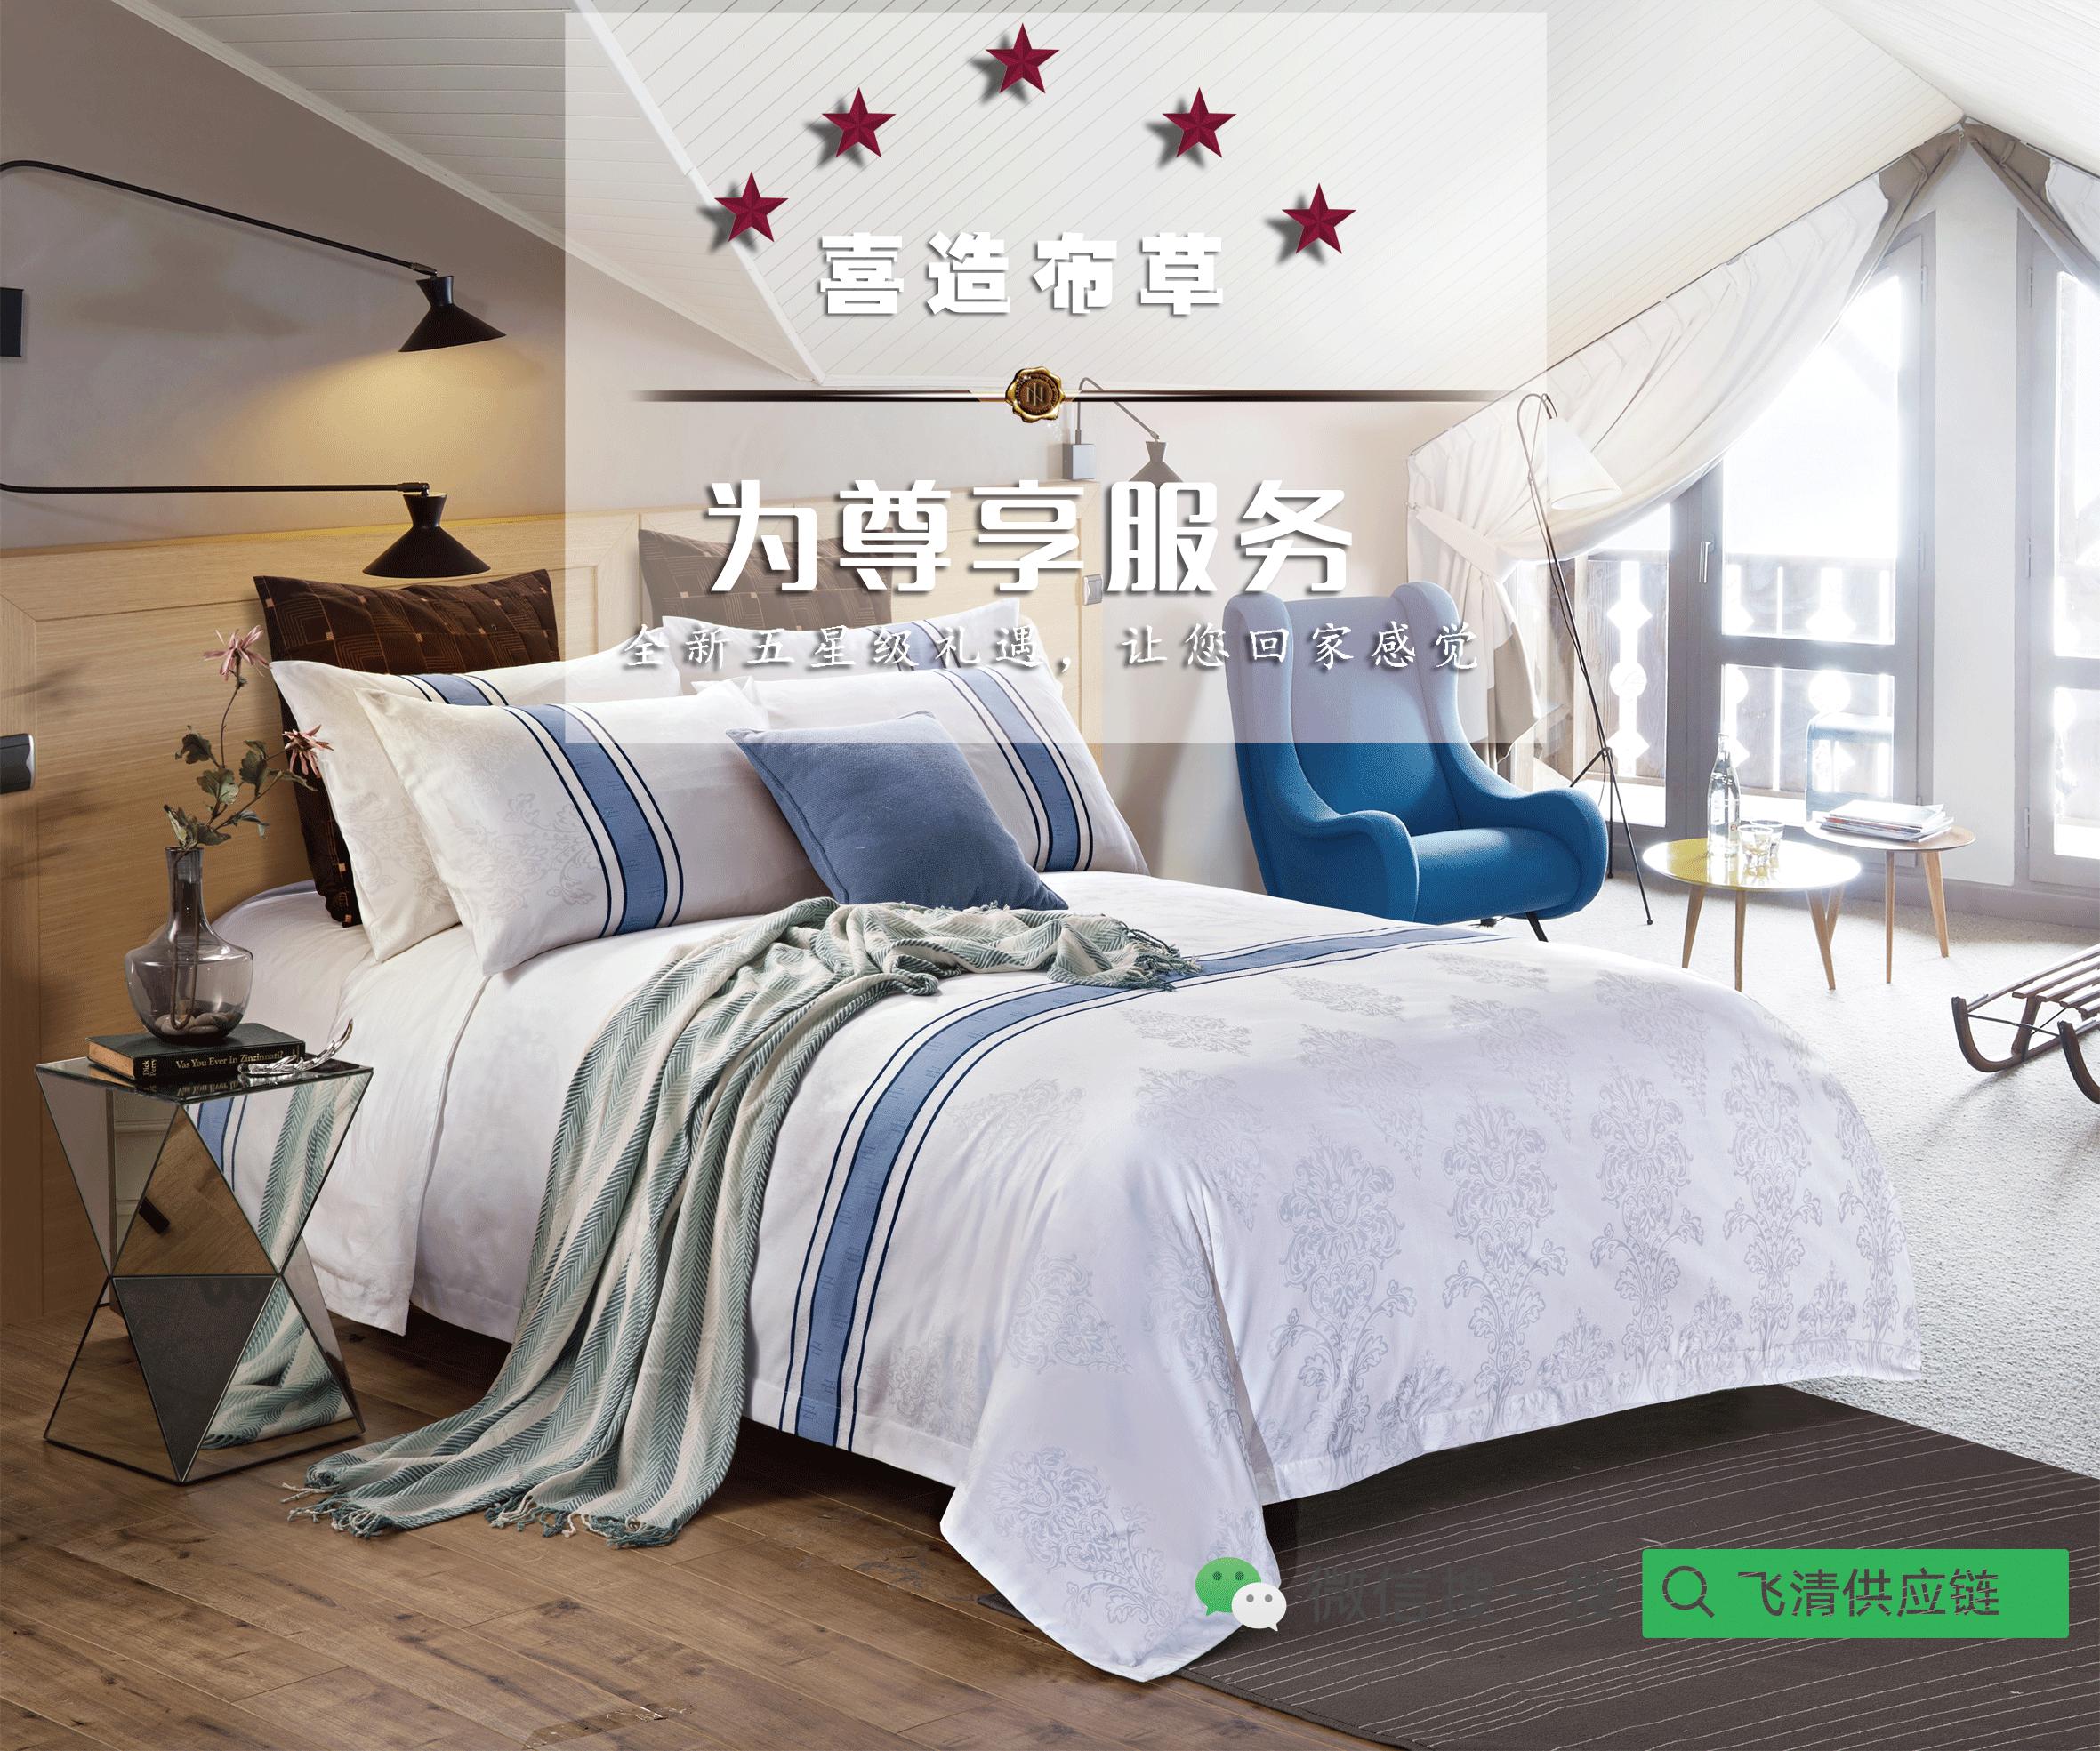 喜造色织布草·色织酒店布草清浅时光套件星级酒店布草定制